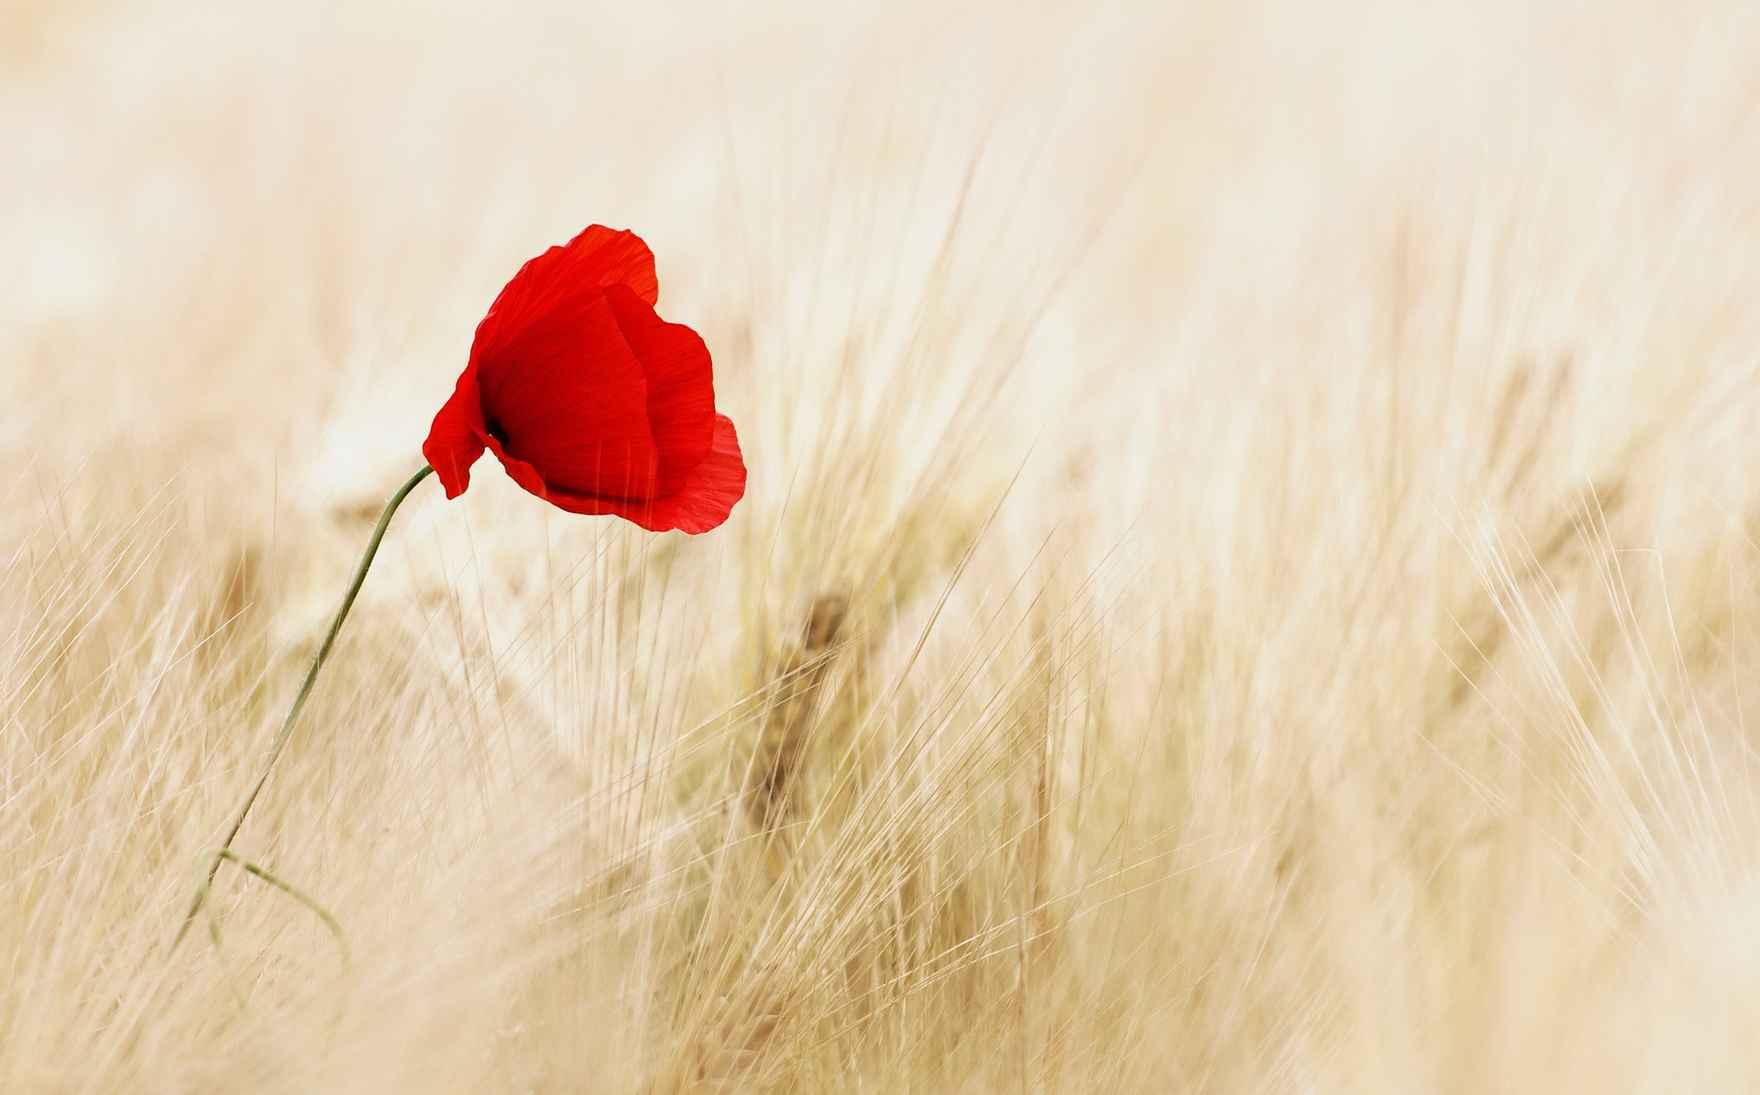 lone red poppy flower field